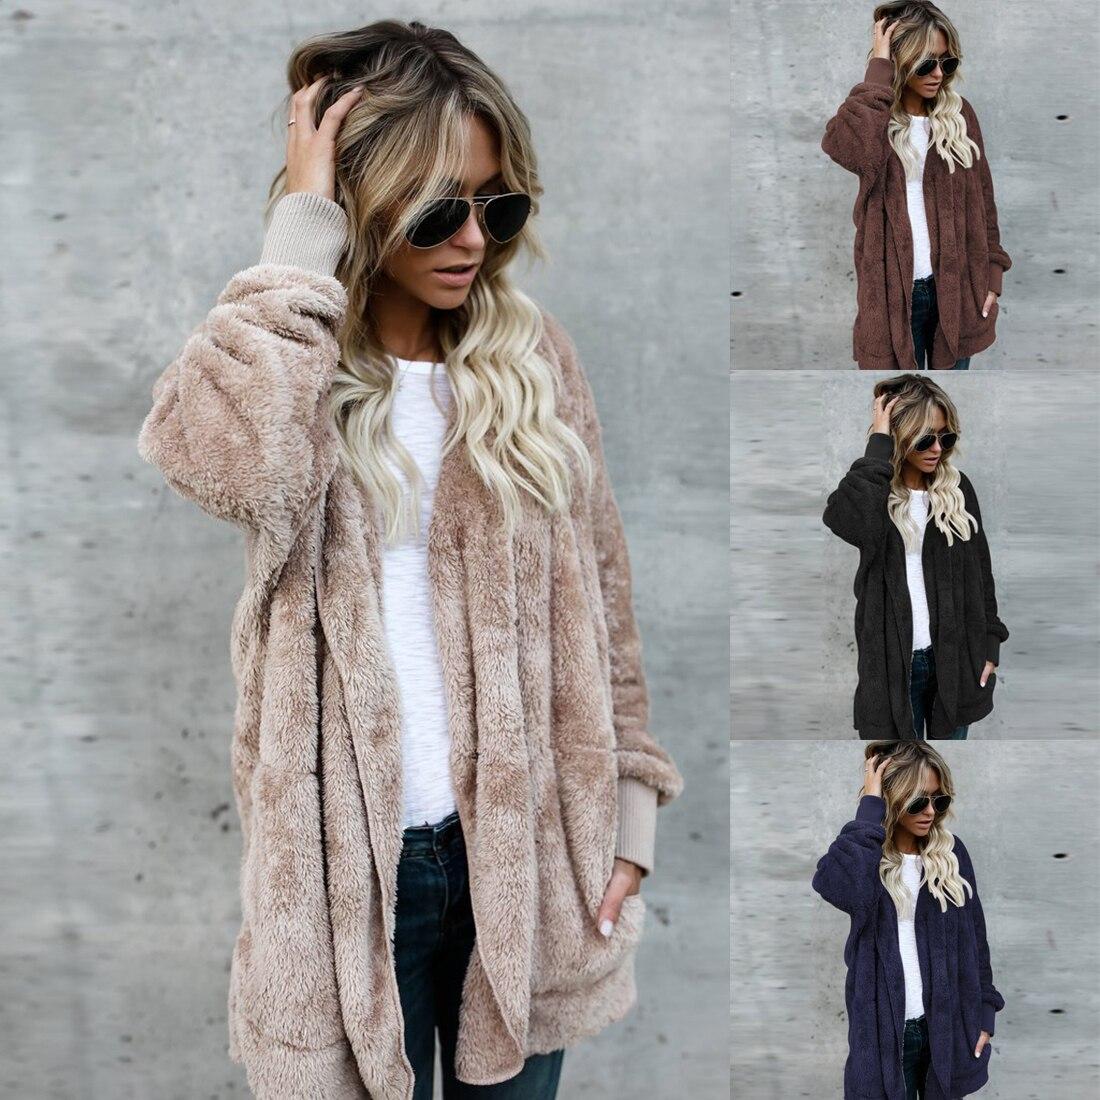 Both Sides Wear Faux Fur Long Winter Jacket Women Autumn Winter 2017 Warm Coat Thicken Hooded   Parka   Women Outwear